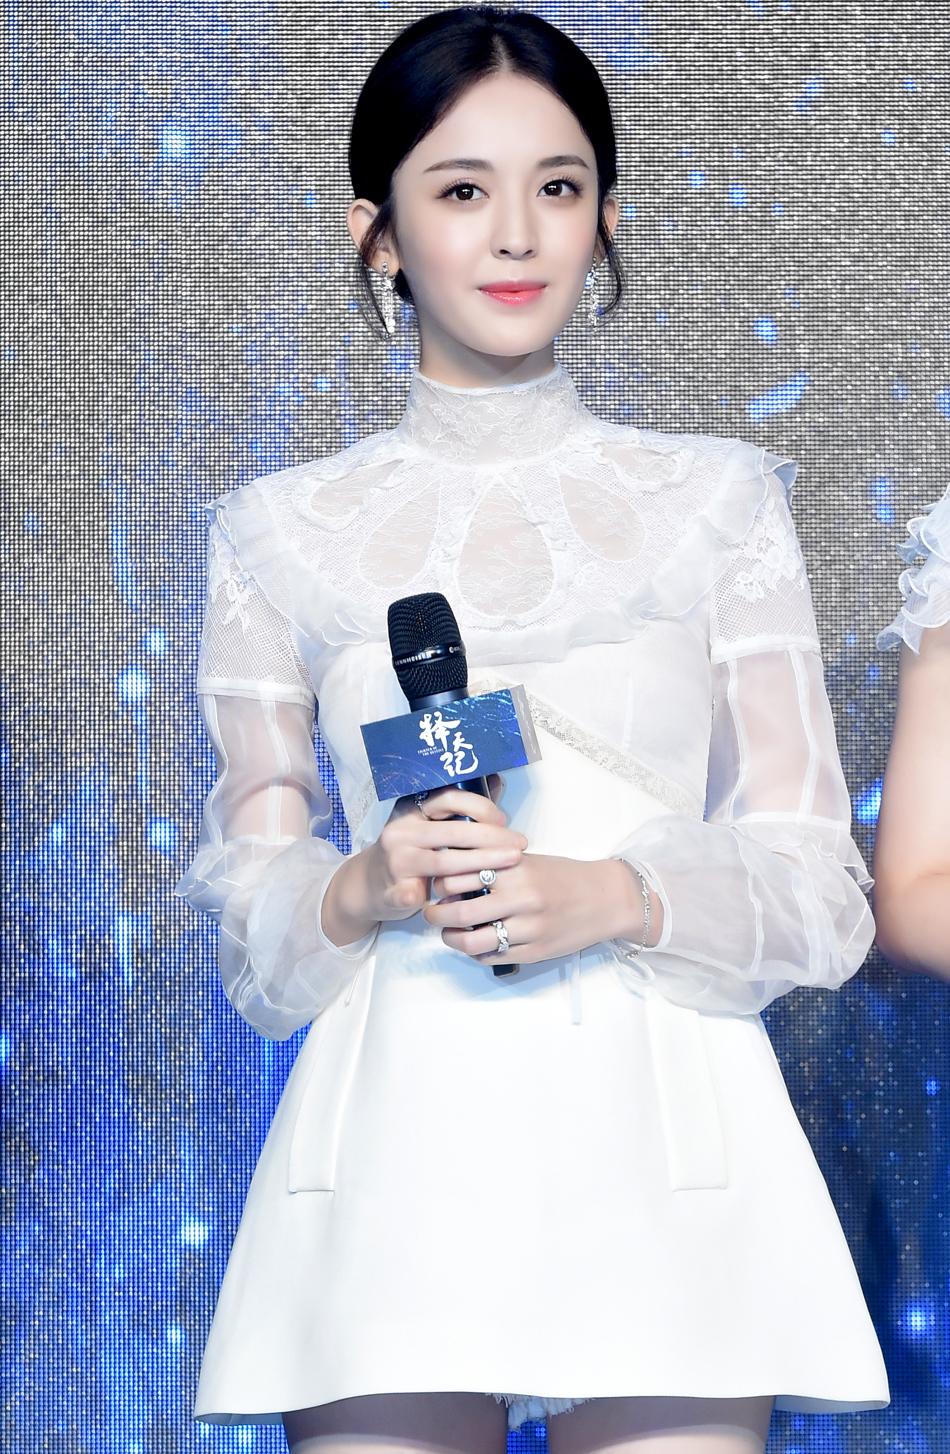 《择天记》发布会-娜扎(2)